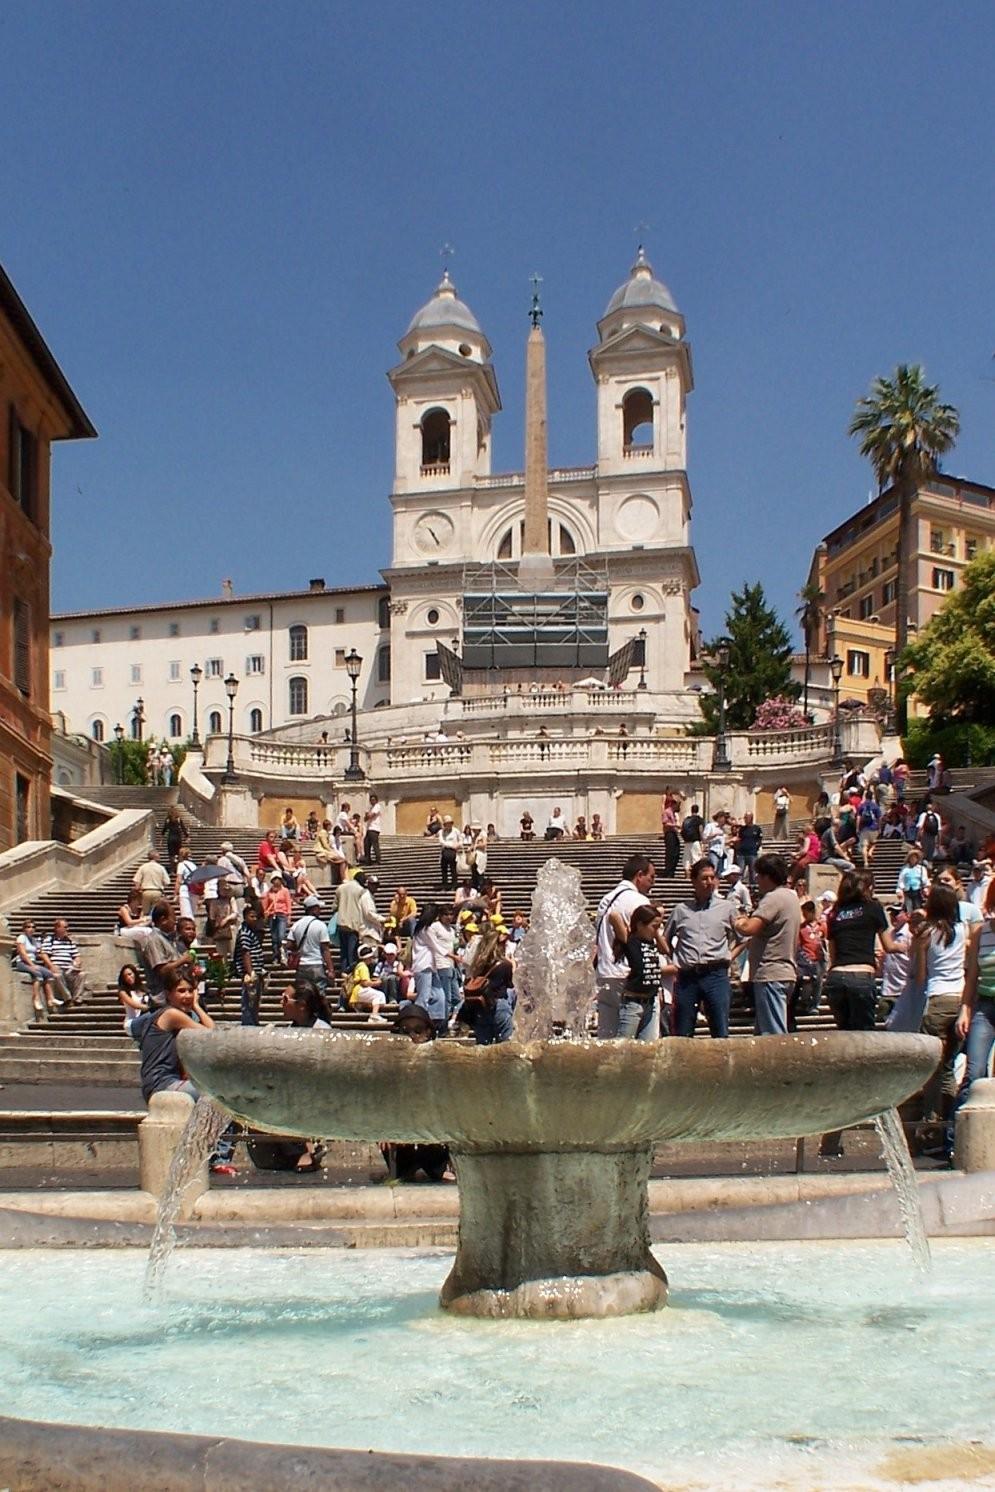 Spanische Treppe – Wikipedia von Webcam Rom Spanische Treppe Bild